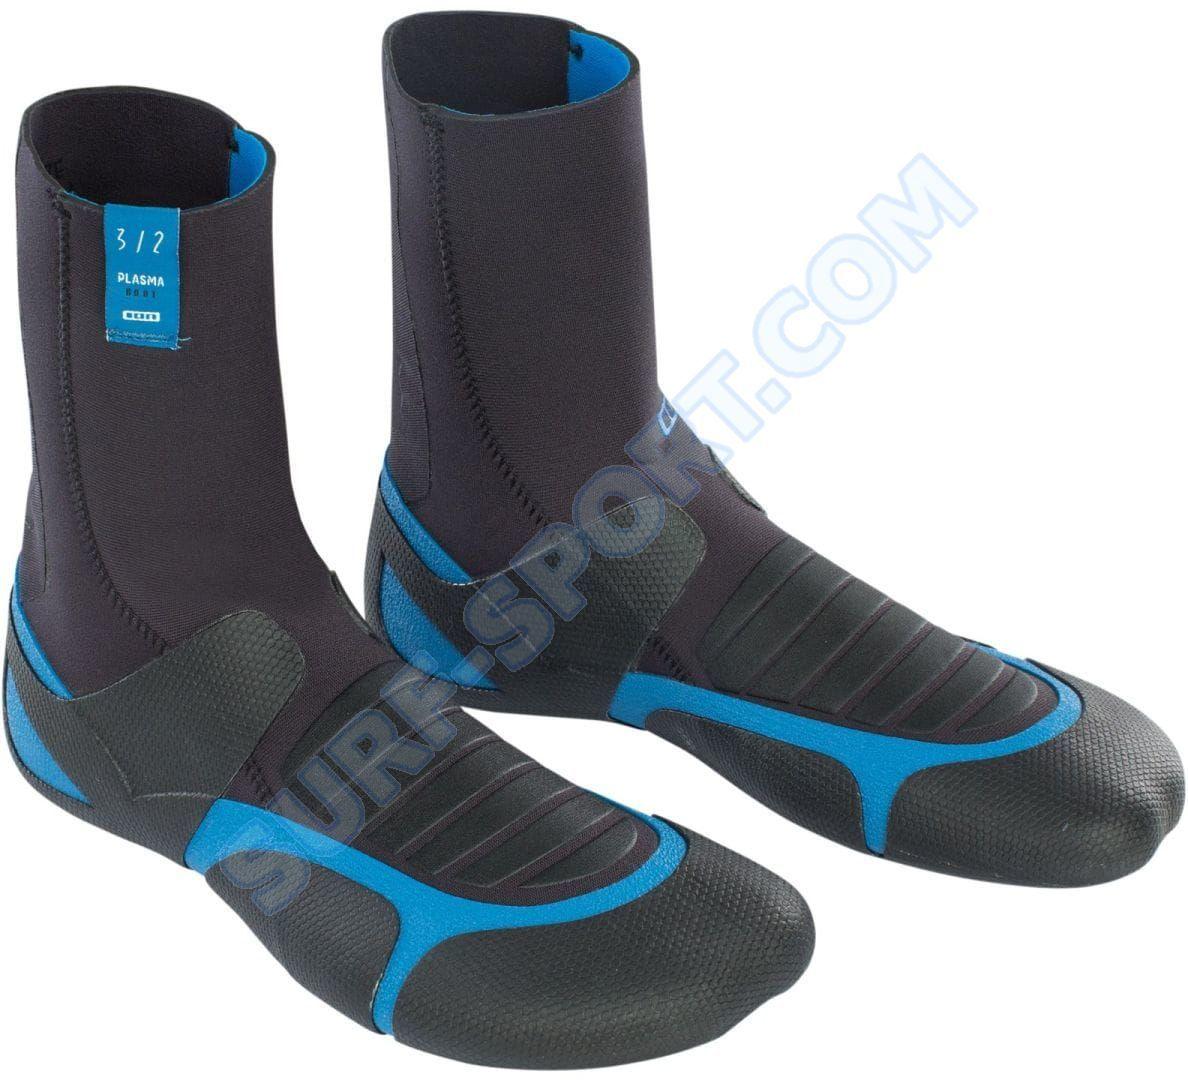 Buty Neoprenowe Wysokie ION Plasma Boots NS 3/2 2020 Black/Blue